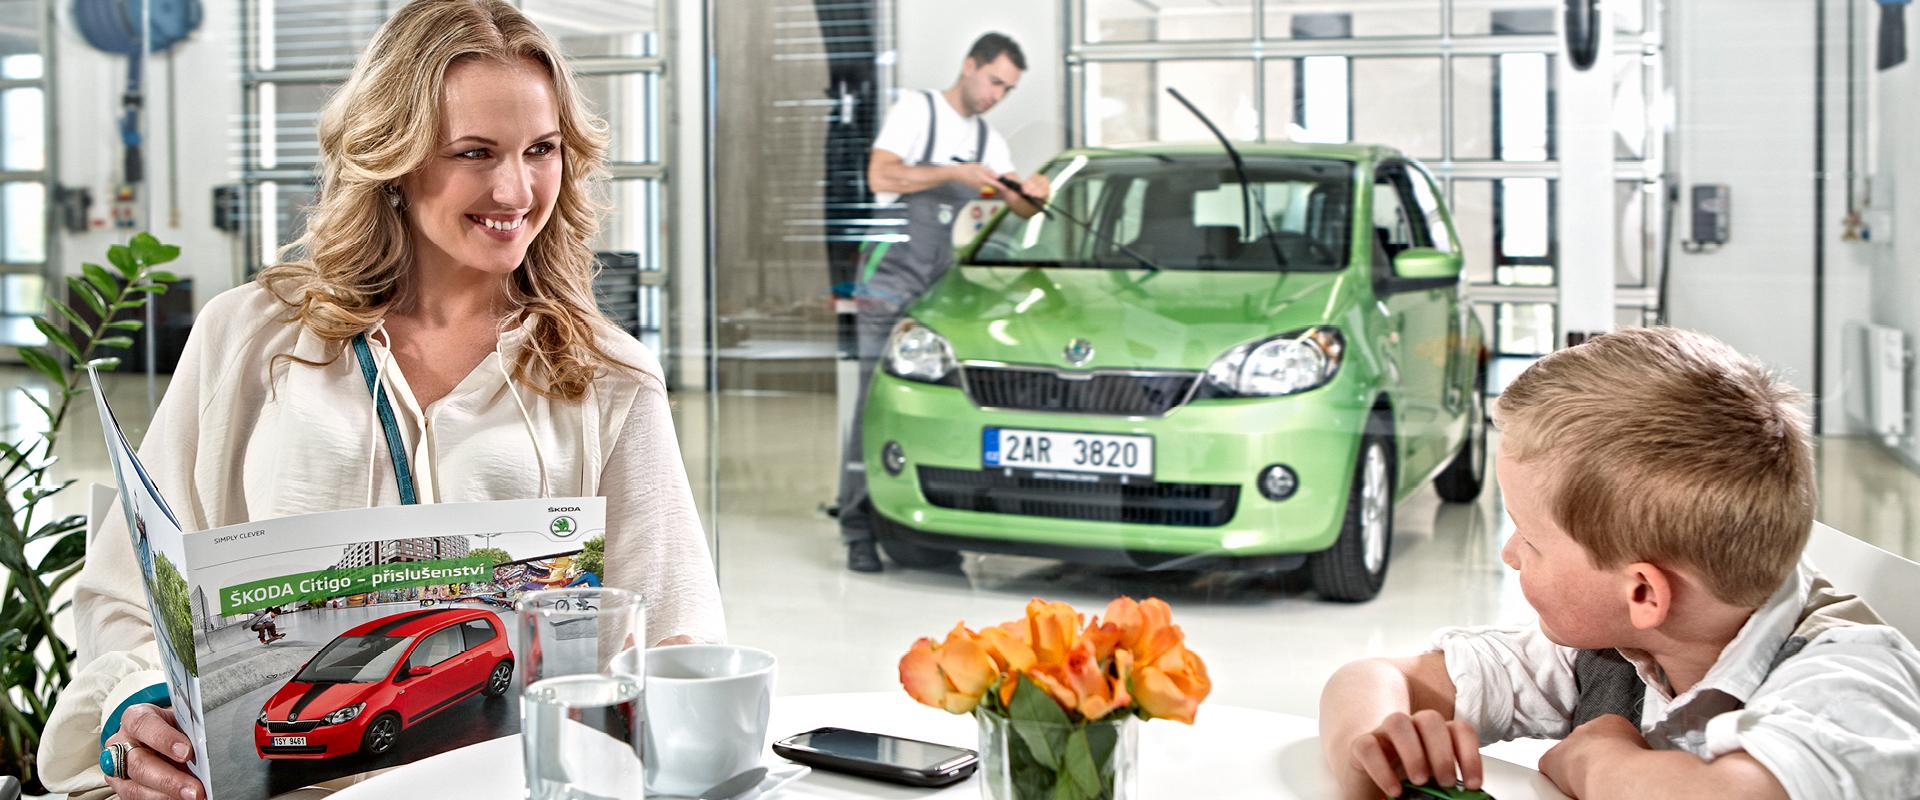 Nainen puhuu etualalla puhelimessa kahvia juoden, taustalla kaksi huoltoammattilaista huoltaa vihreää autoa.